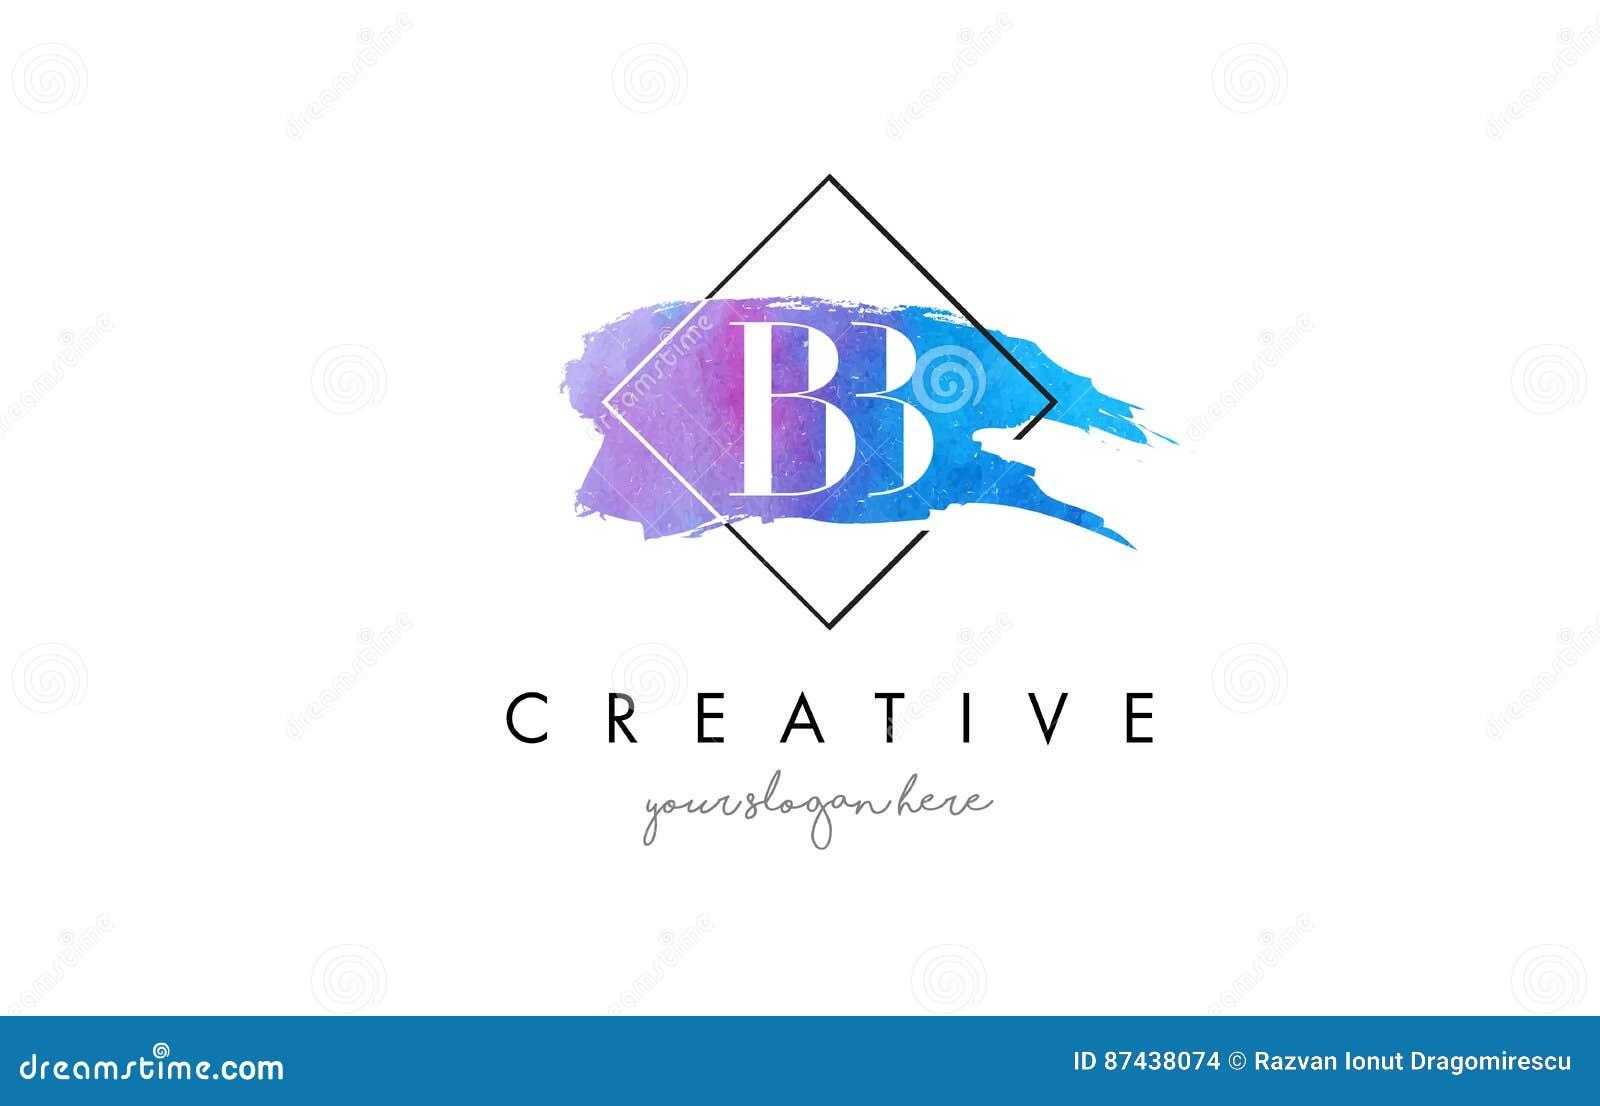 För vattenfärgbokstav för BB konstnärlig logo för borste